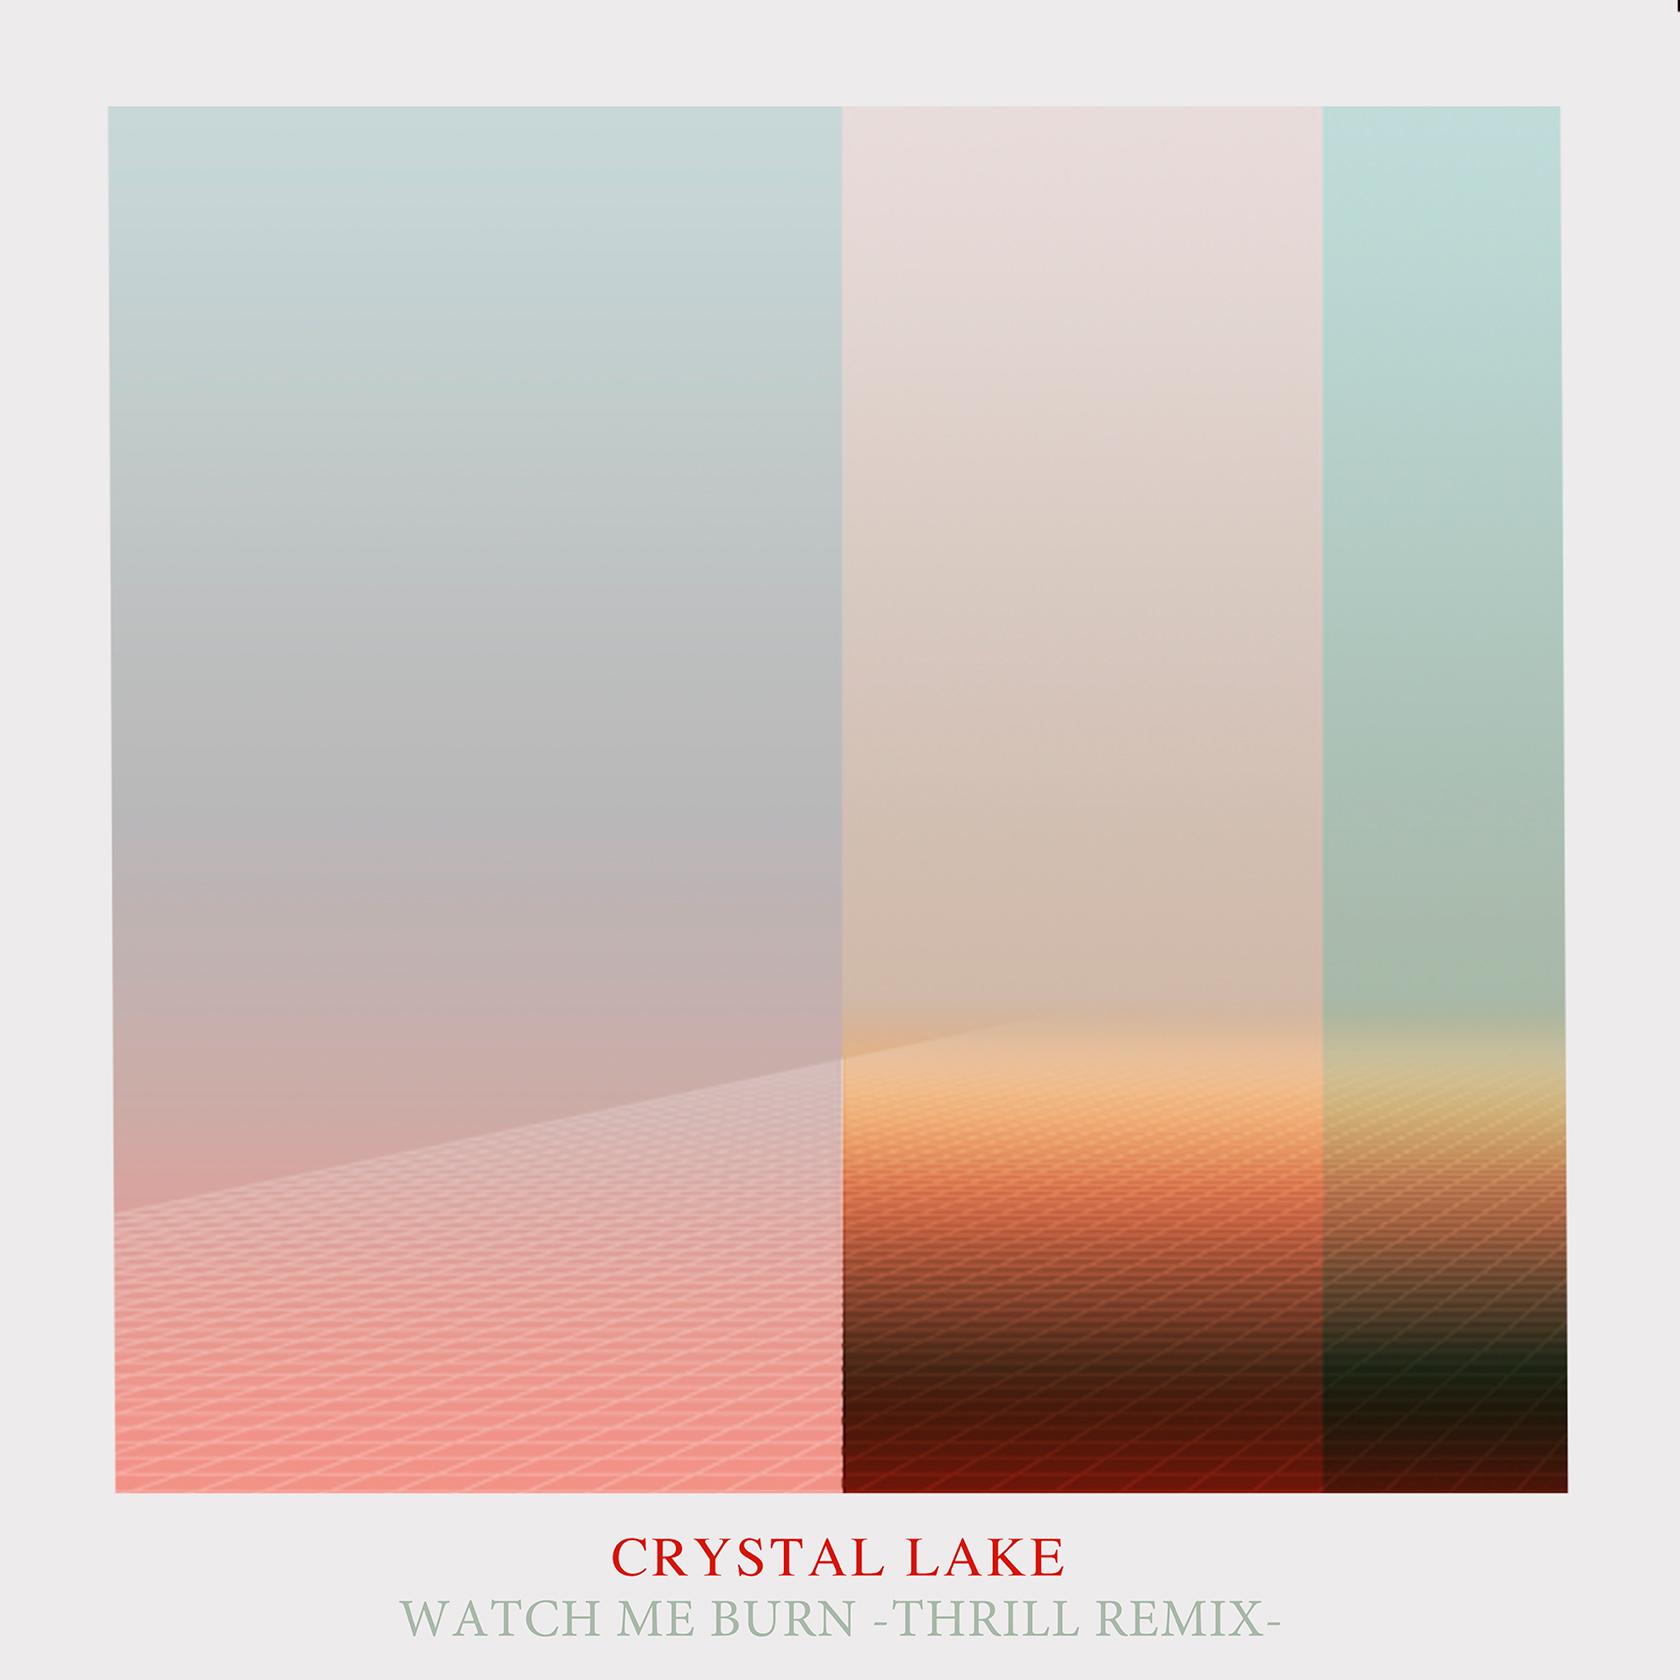 Crystal Lake -Watch Me Burn Remix-